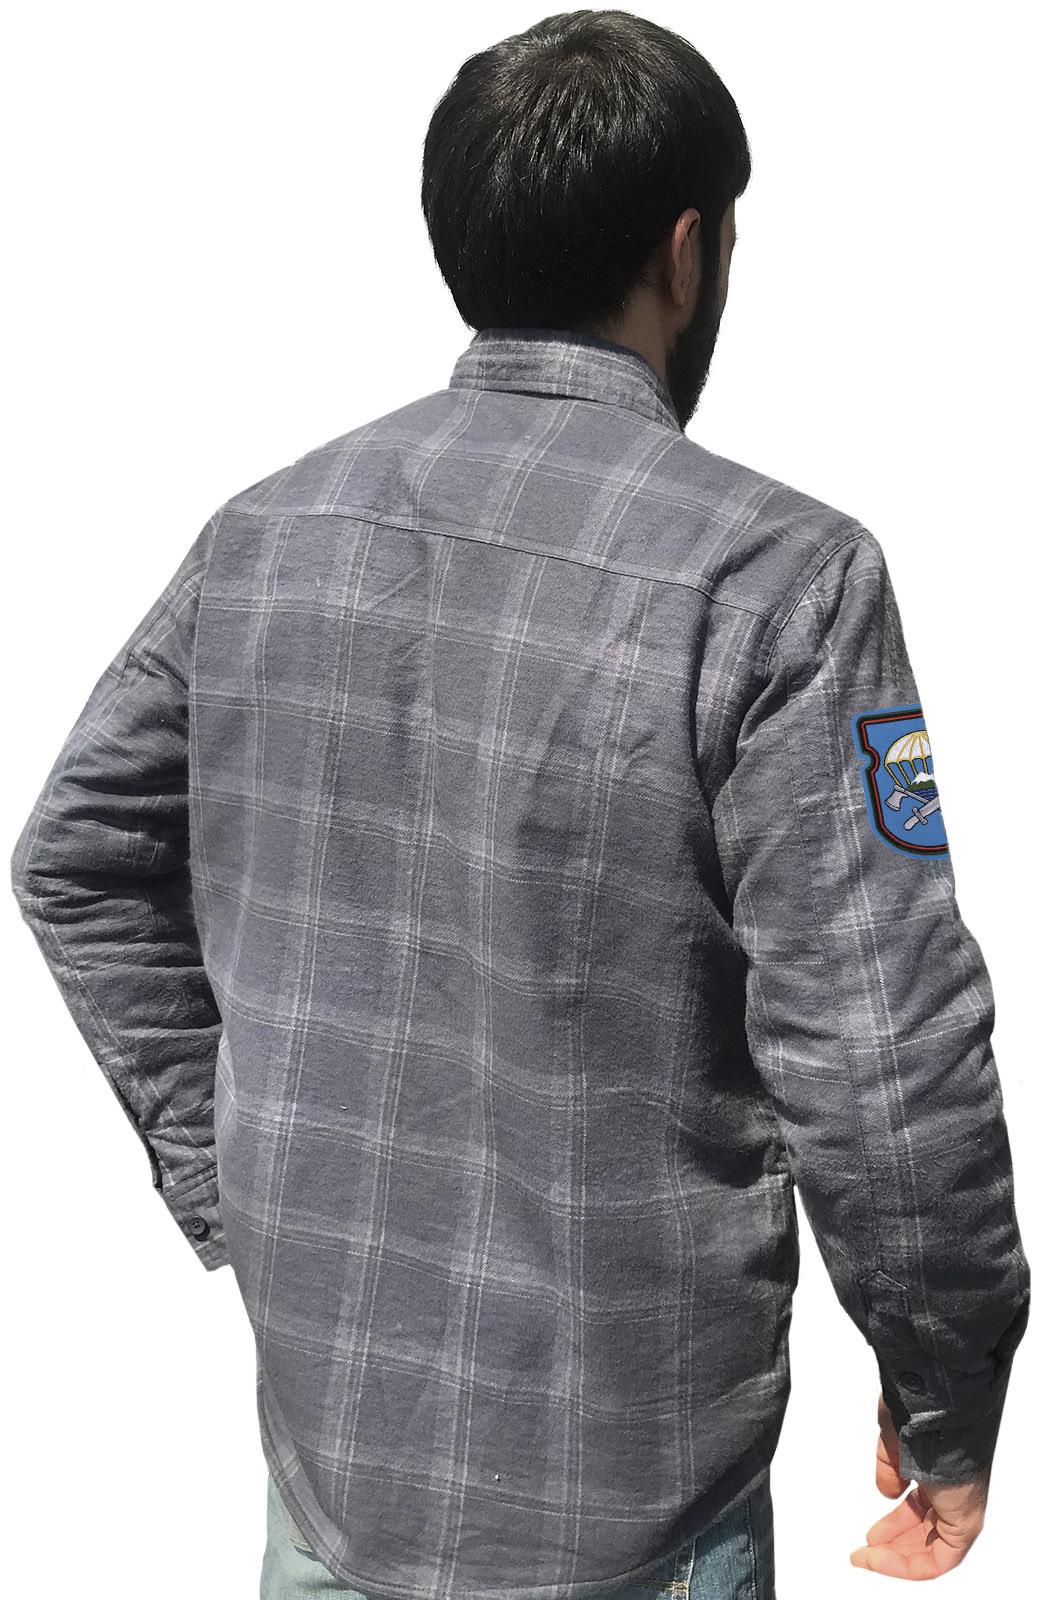 Купить строгую рубашку с вышитым шевроном 629-й ОИСБ 7-ой ДШД выгодно онлайн